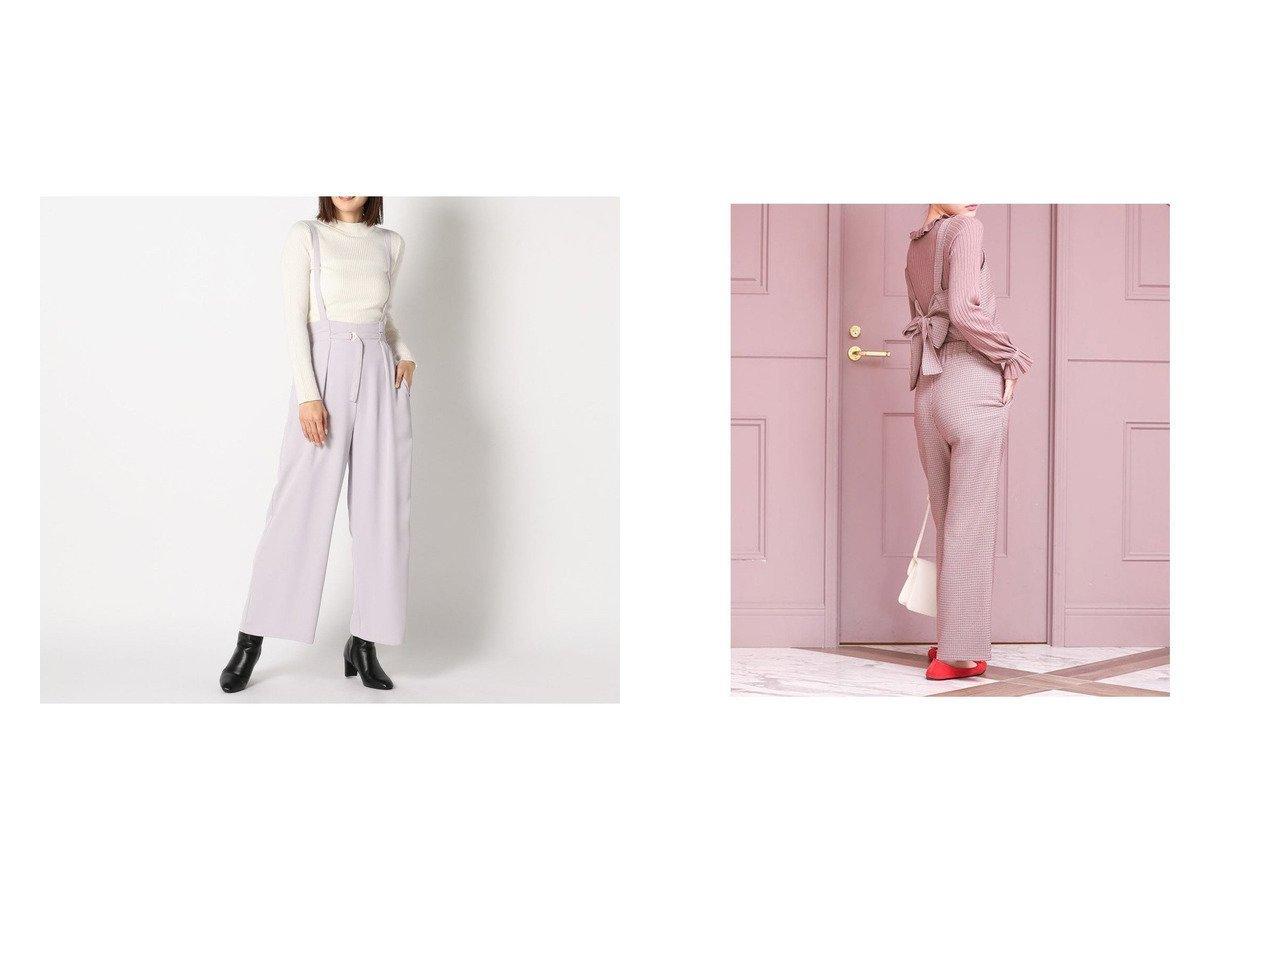 【Mew's/ミューズ】のミューズ MEW S ウォッシャブルイージーサスツキワイドパンツ&【fifth/フィフス】のチェック柄ビスチェ付きパンツセットアップ パンツのおすすめ!人気、トレンド・レディースファッションの通販  おすすめで人気の流行・トレンド、ファッションの通販商品 メンズファッション・キッズファッション・インテリア・家具・レディースファッション・服の通販 founy(ファニー) https://founy.com/ ファッション Fashion レディースファッション WOMEN パンツ Pants セットアップ Setup パンツ Pants 2021年 2021 2021 春夏 S/S SS Spring/Summer 2021 S/S 春夏 SS Spring/Summer サスペンダー トレンド ハイネック フォルム ワイド 春 Spring |ID:crp329100000016822